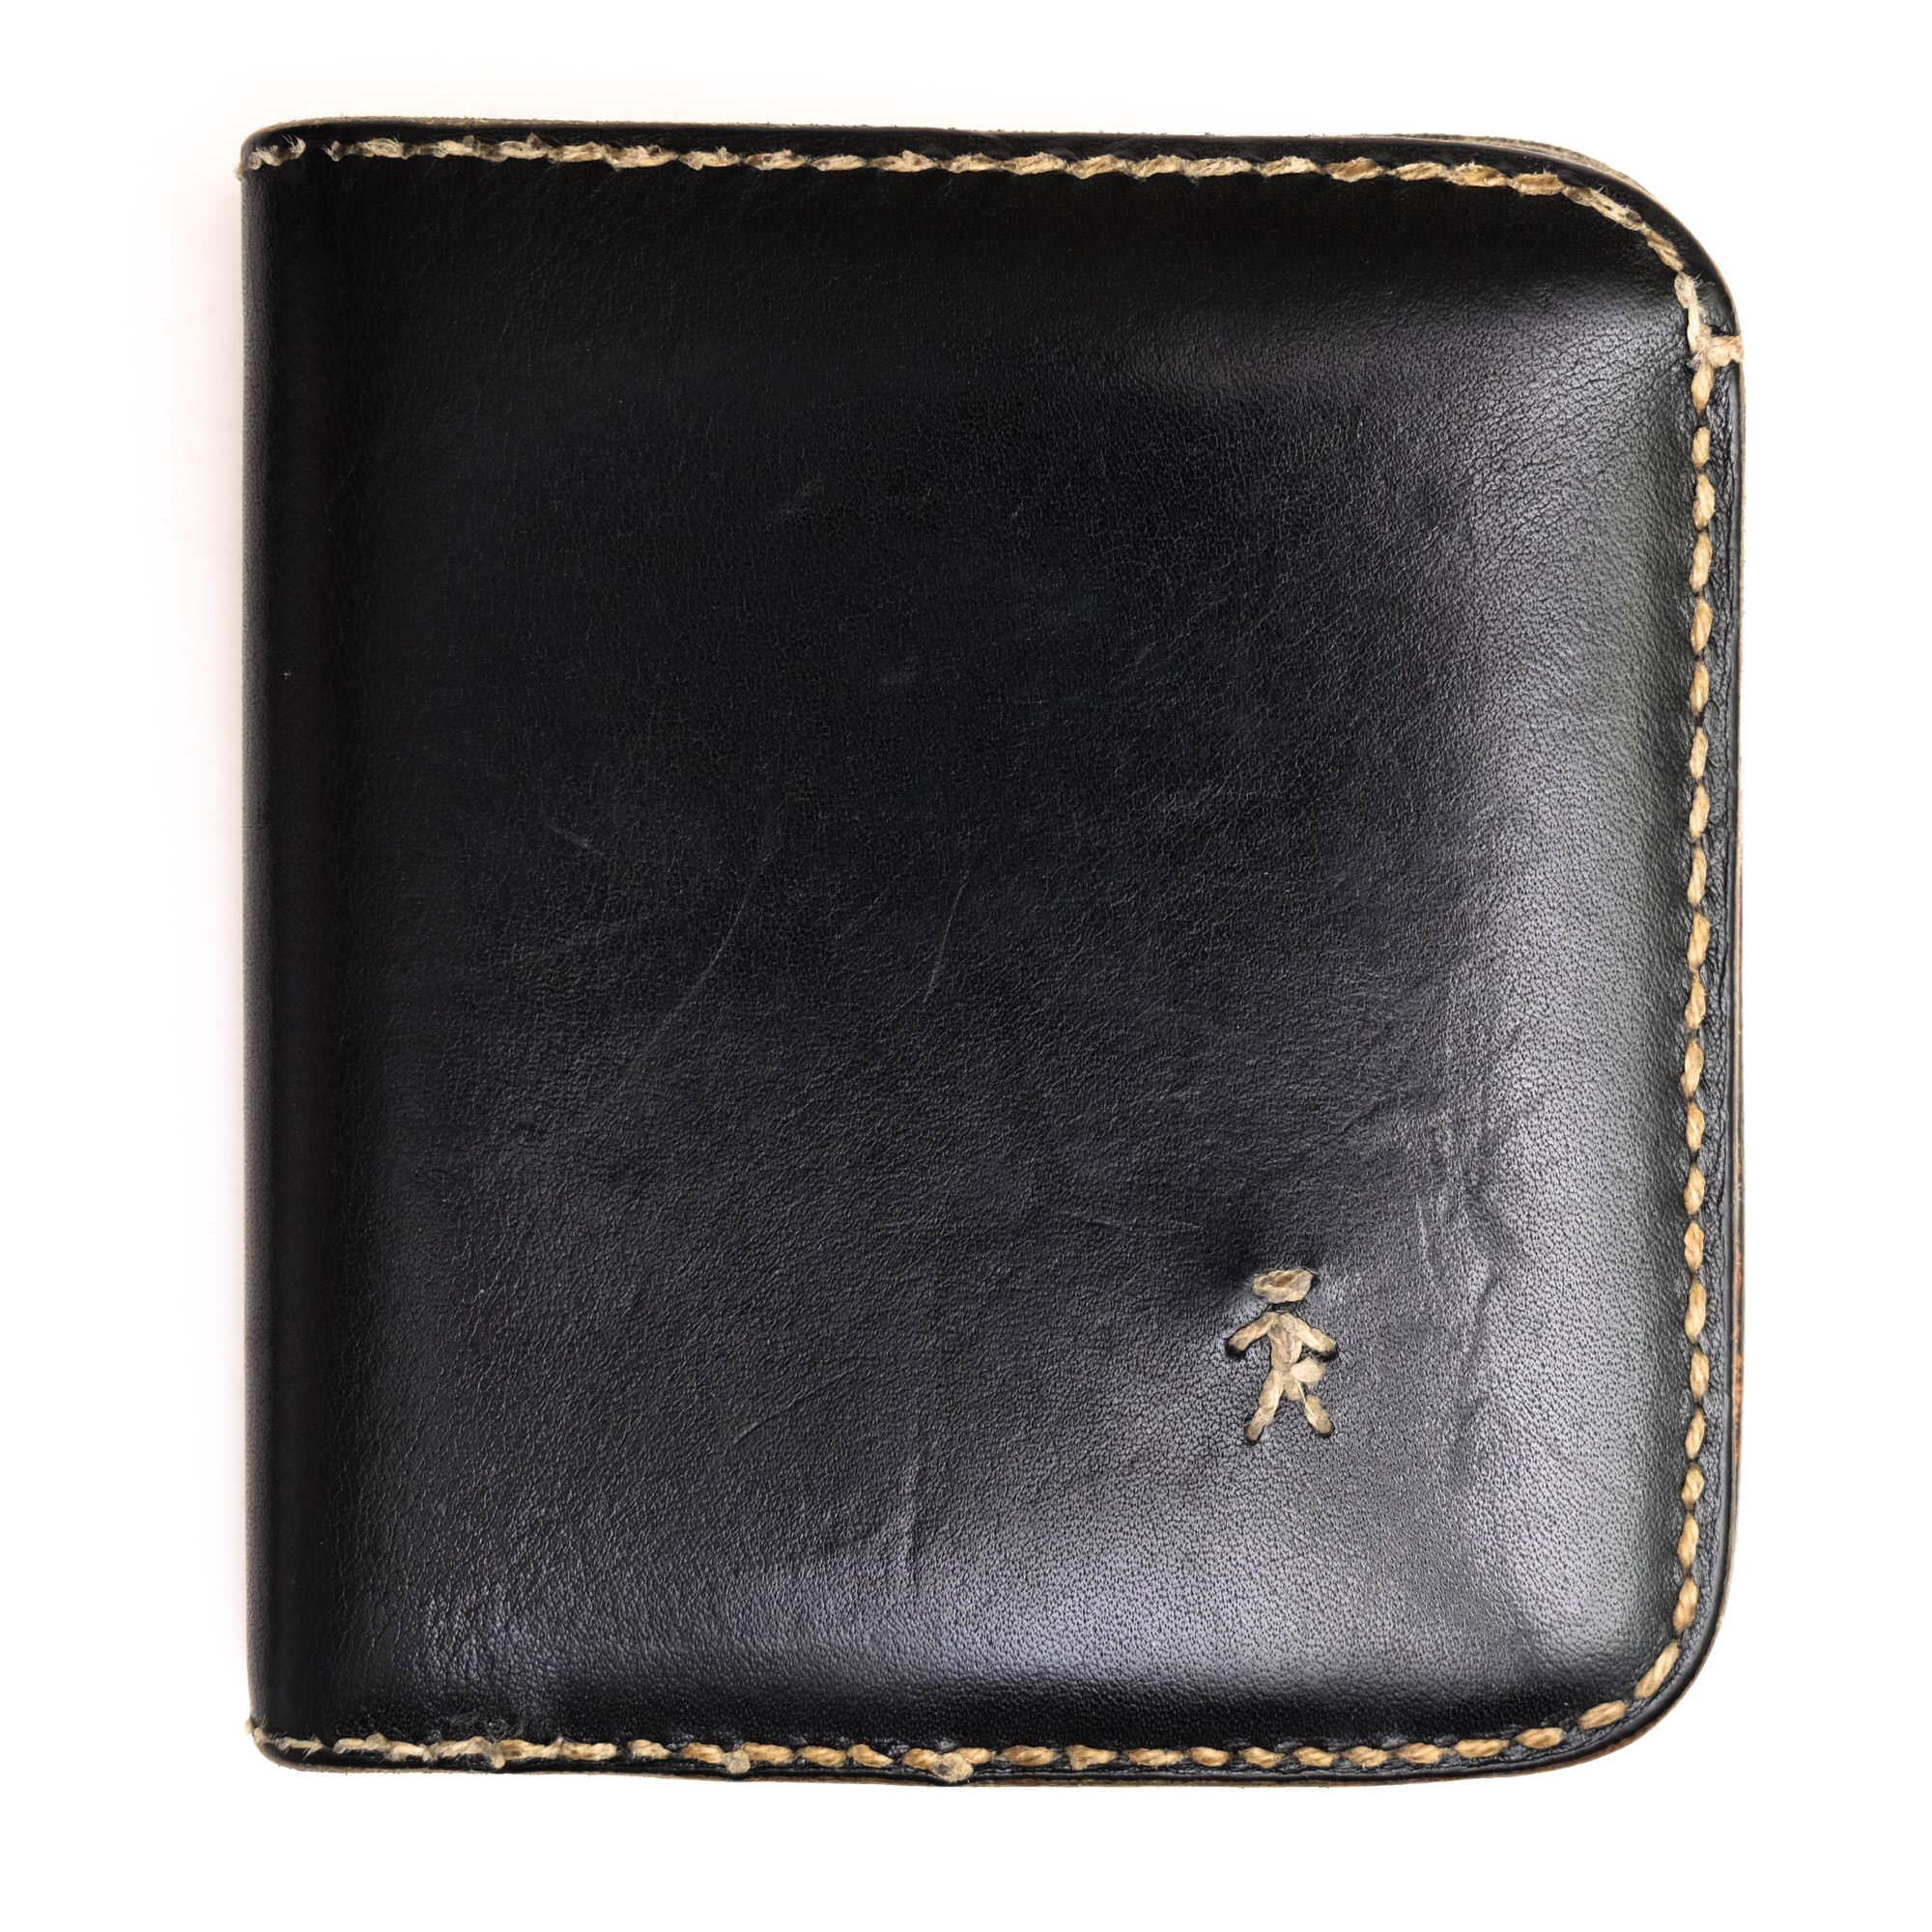 a6613104275c エンリーベグリン / HENRY BEGUELIN 財布 メンズ ブラック 黒 - ブランディング